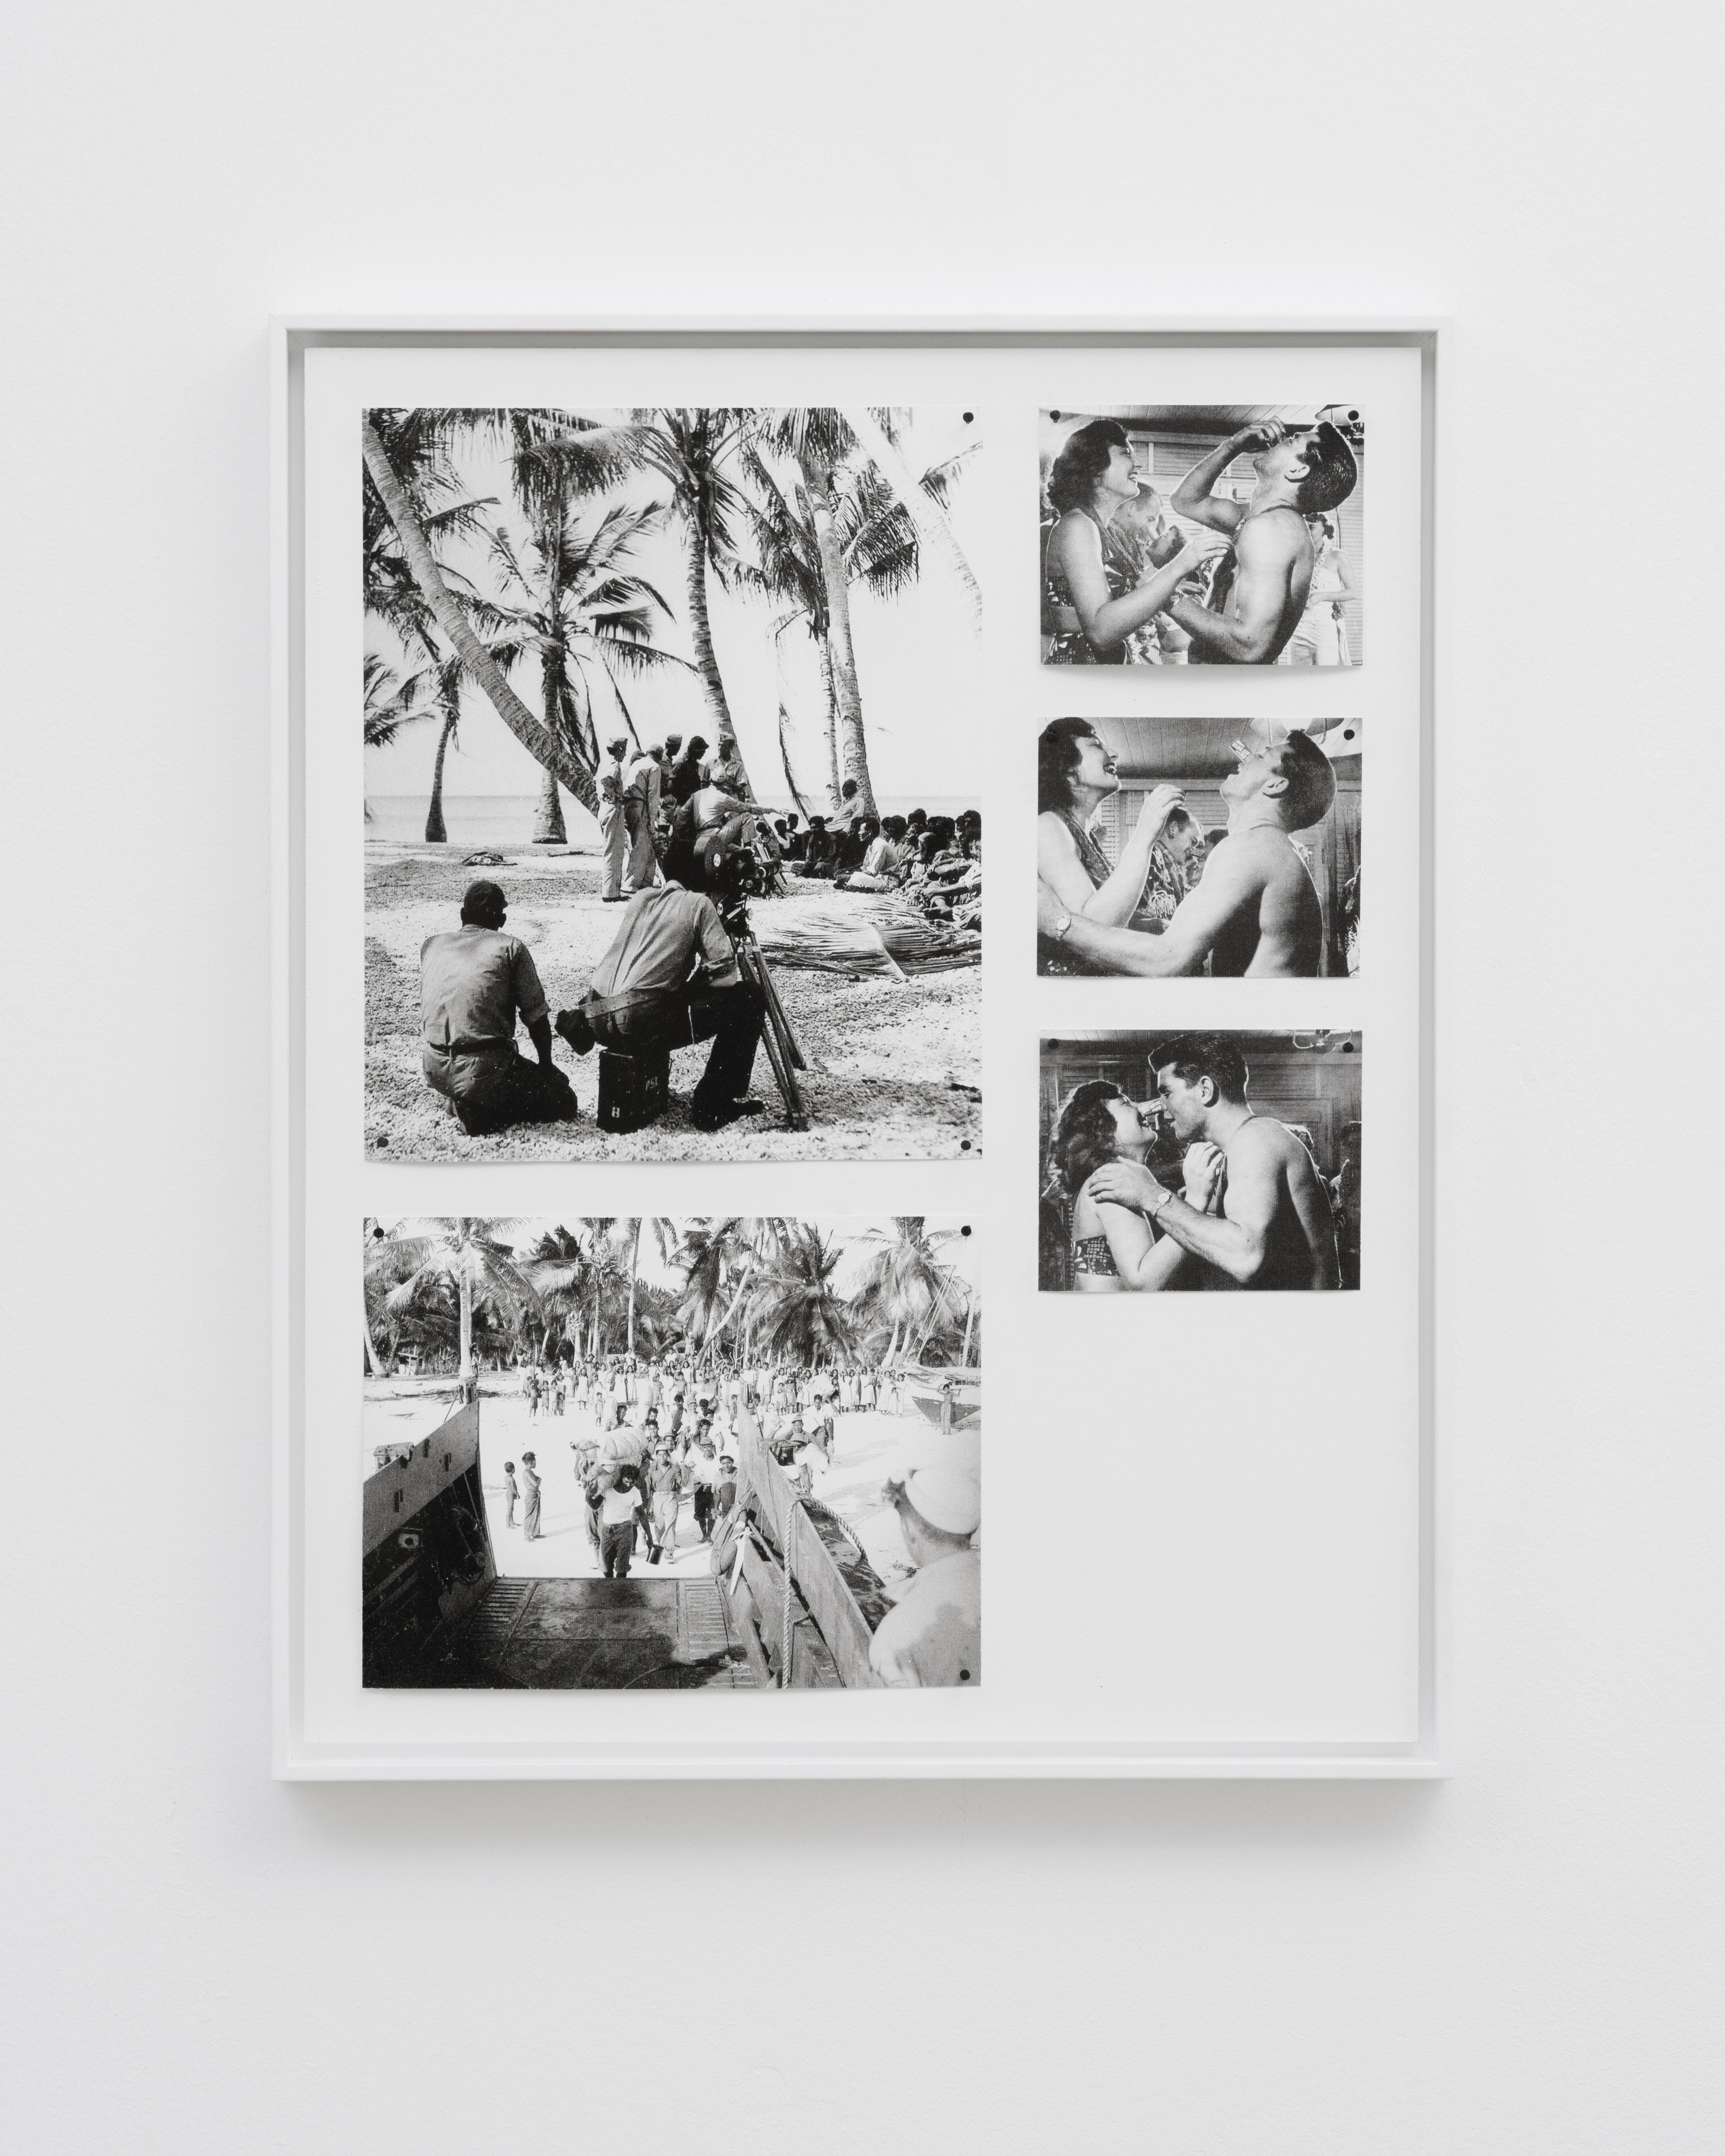 BenoîtJeannet, glaire Eric Mouchet,Sans Titre Images d'archives extraites de; the National Archive & Records Administration et Life Magazine, Decembre 1951 40x50cm – 50x70cm editon de 1+2AP